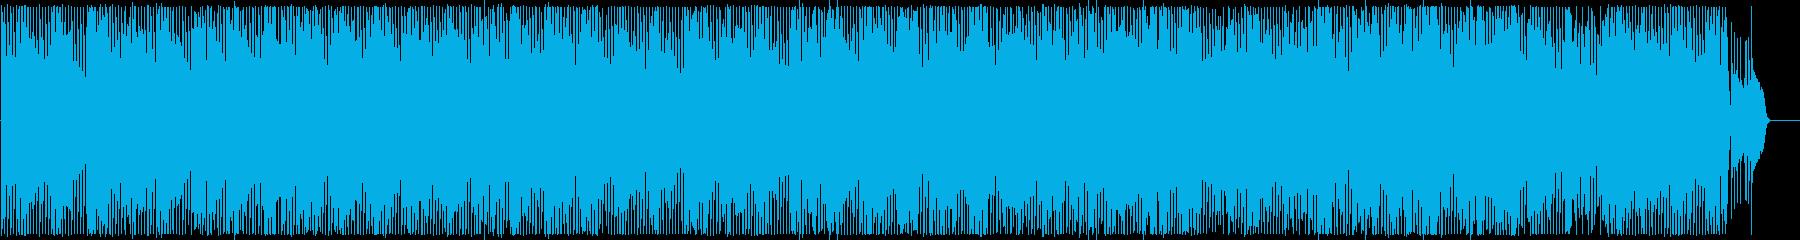 可憐でキャッチ―なアップテンポポップスの再生済みの波形